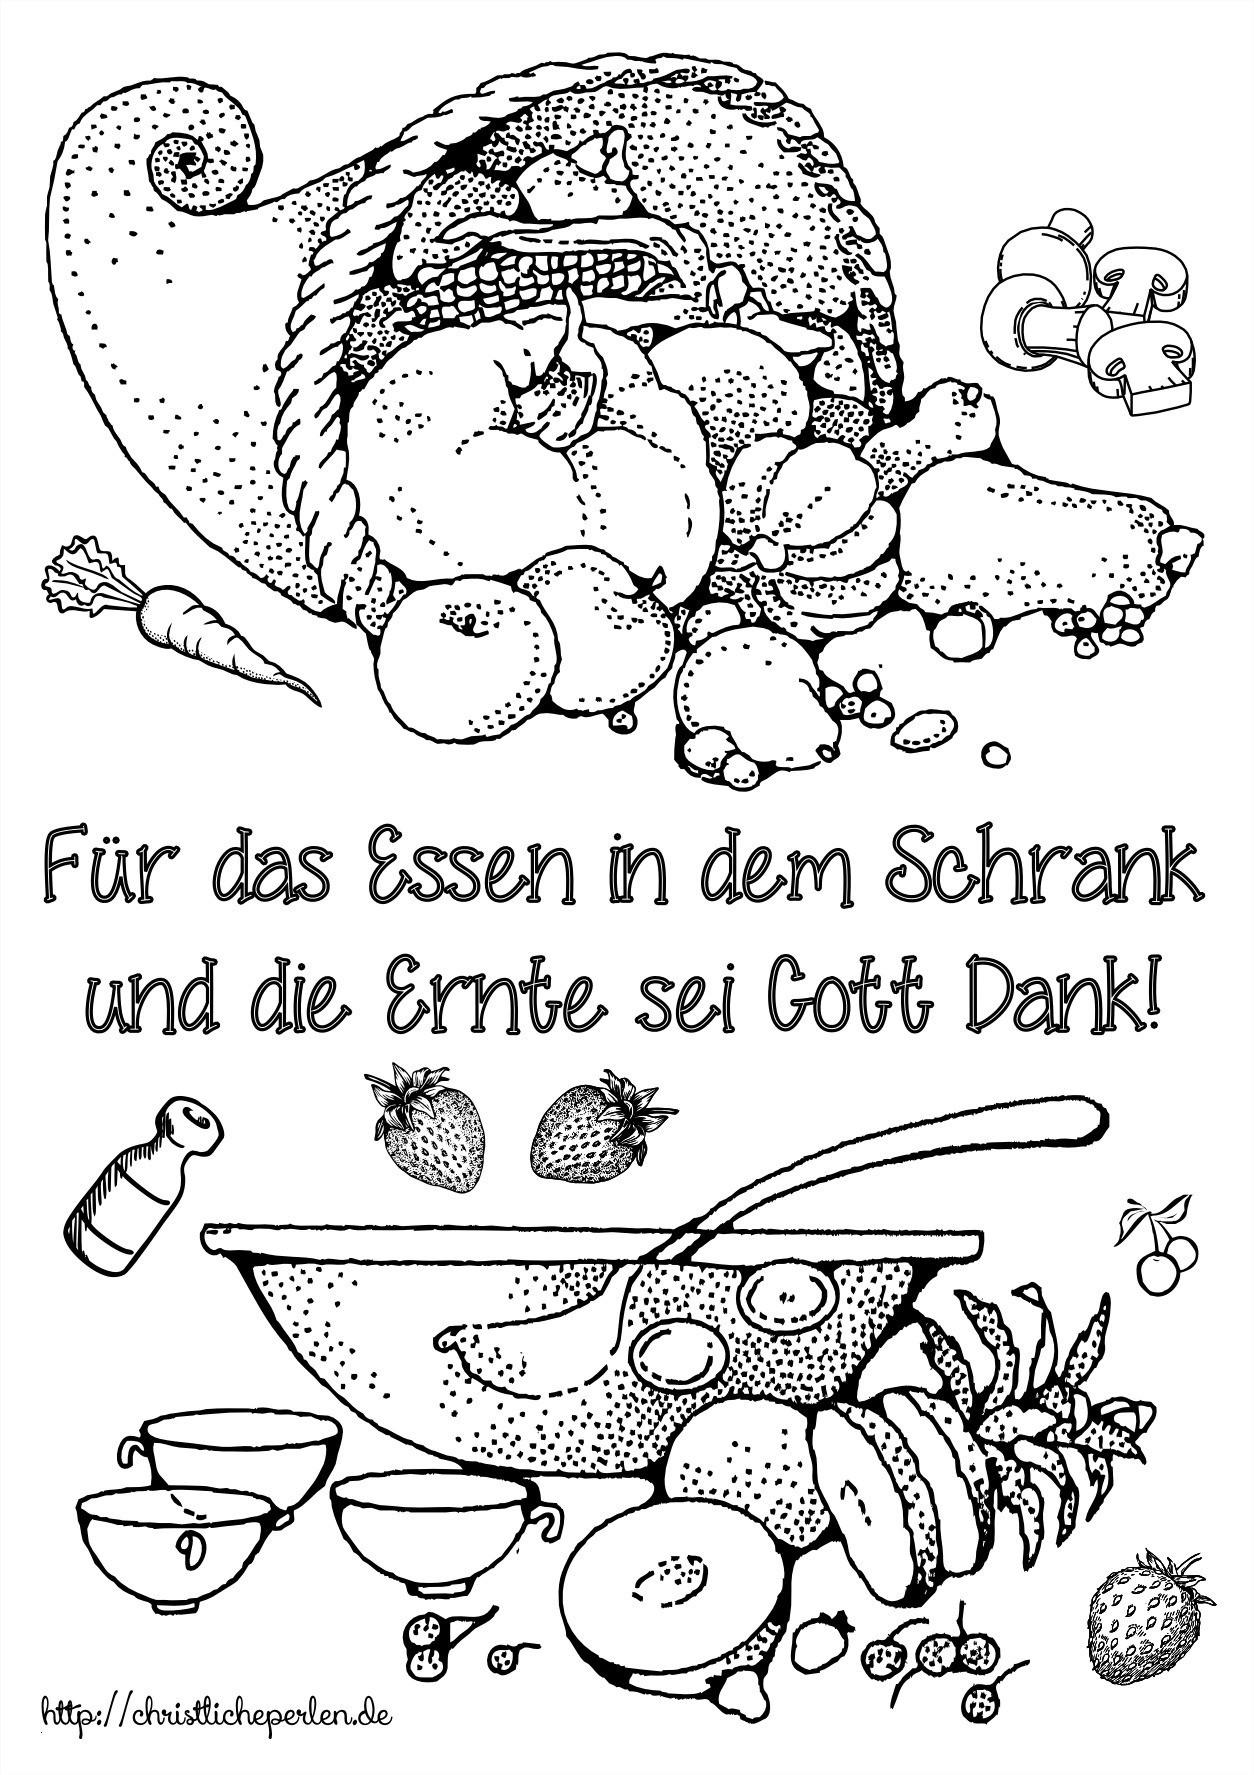 Spongebob Bilder Zum Ausmalen Frisch Malvorlagen Einhorn Kostenlos – Ausmalbilder Für Kinder Schön Mia Fotografieren